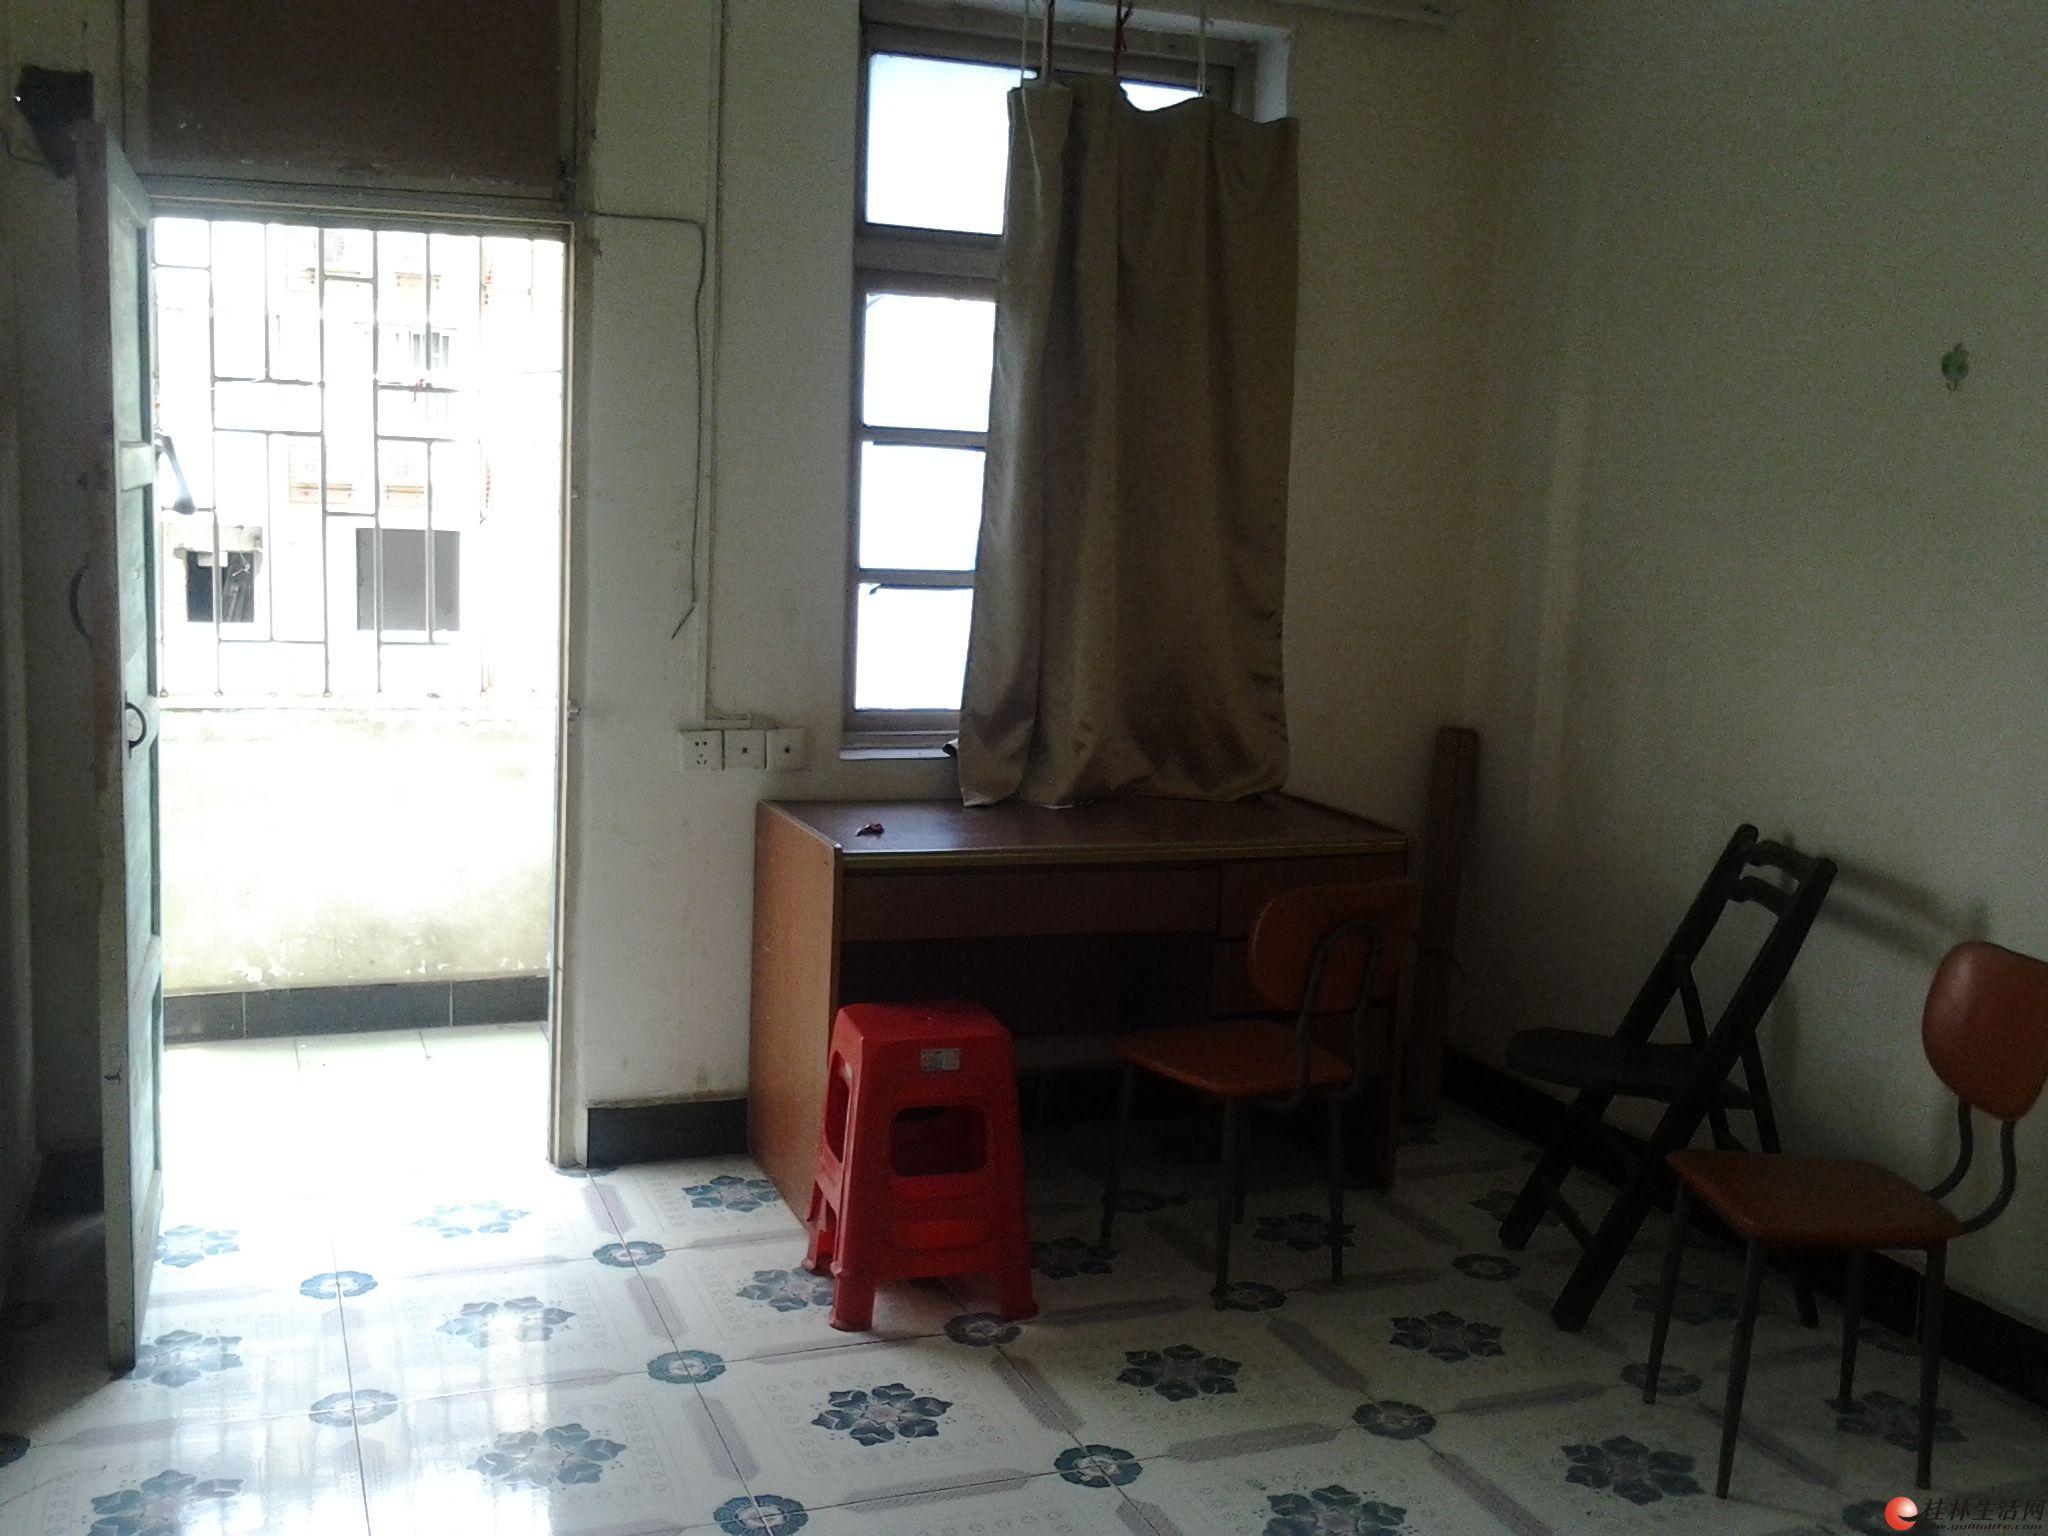 民族路西门桥回民小学对面5楼1房1厅550元磁砖装修家具齐全有衣柜桌子床等